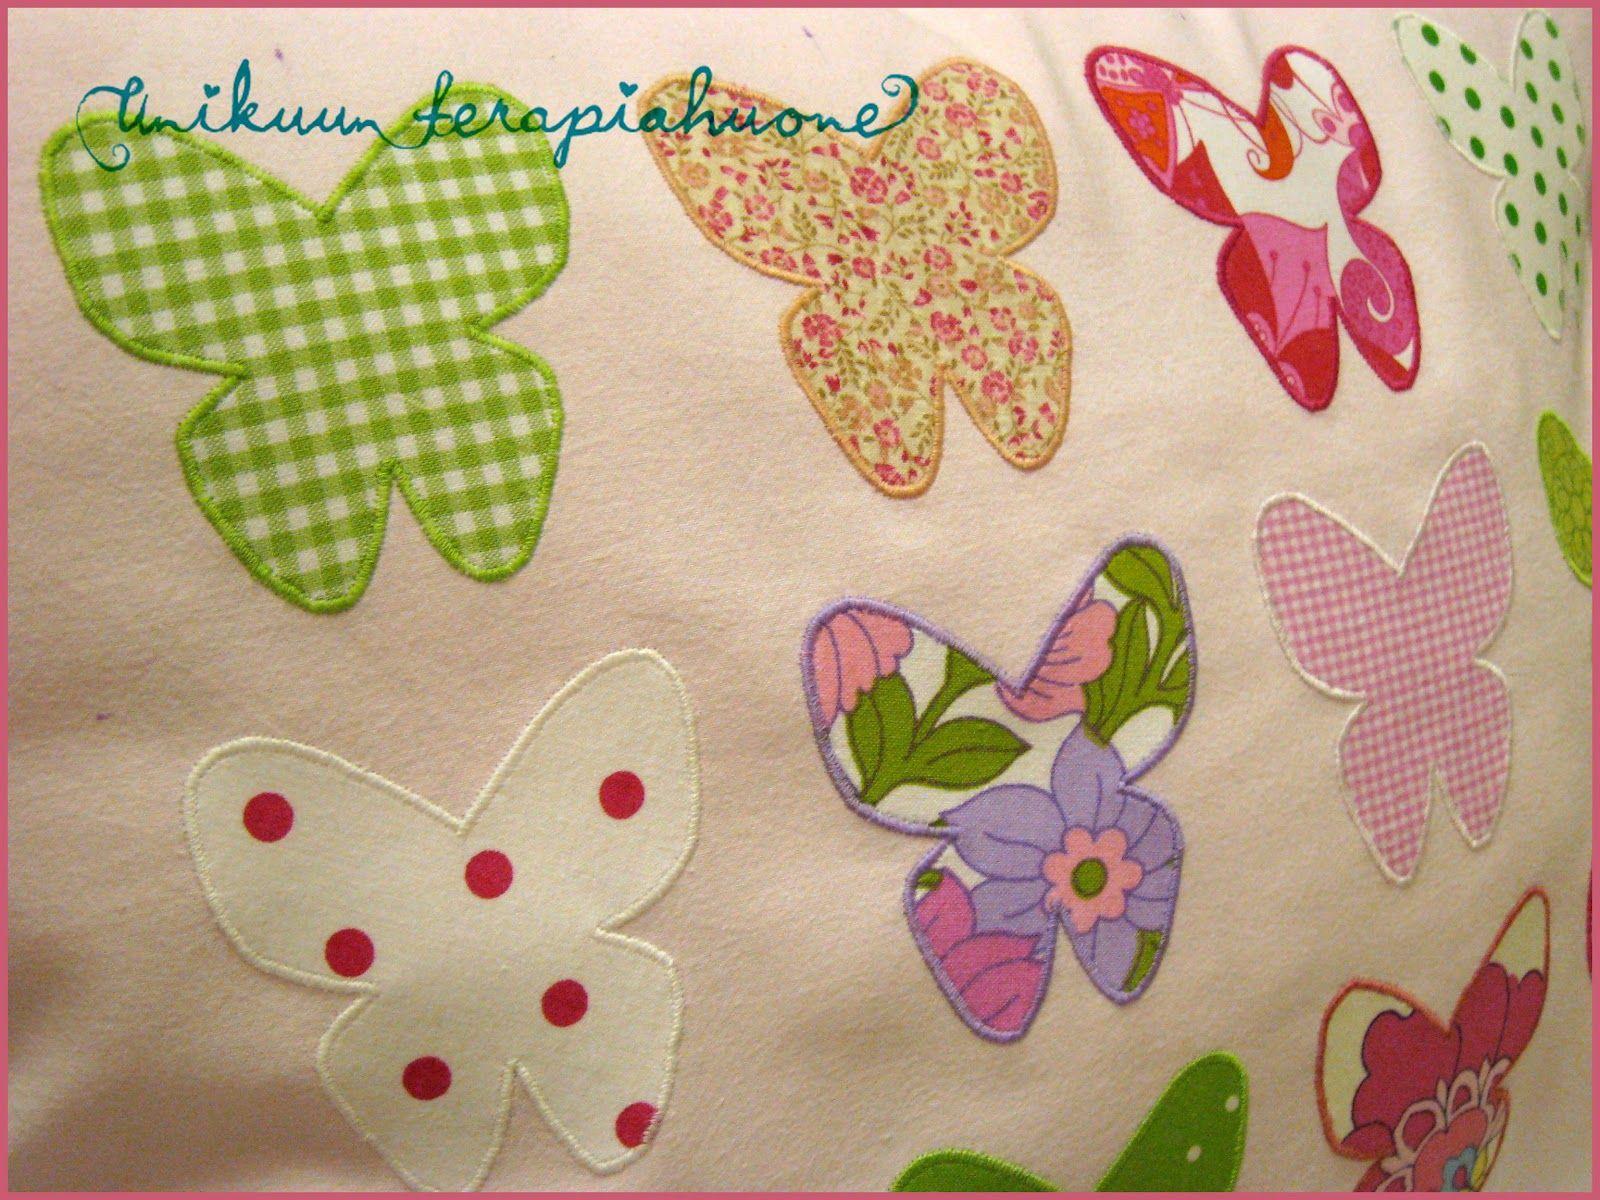 Unikuun terapiahuone: * Perhosia tyynyllä